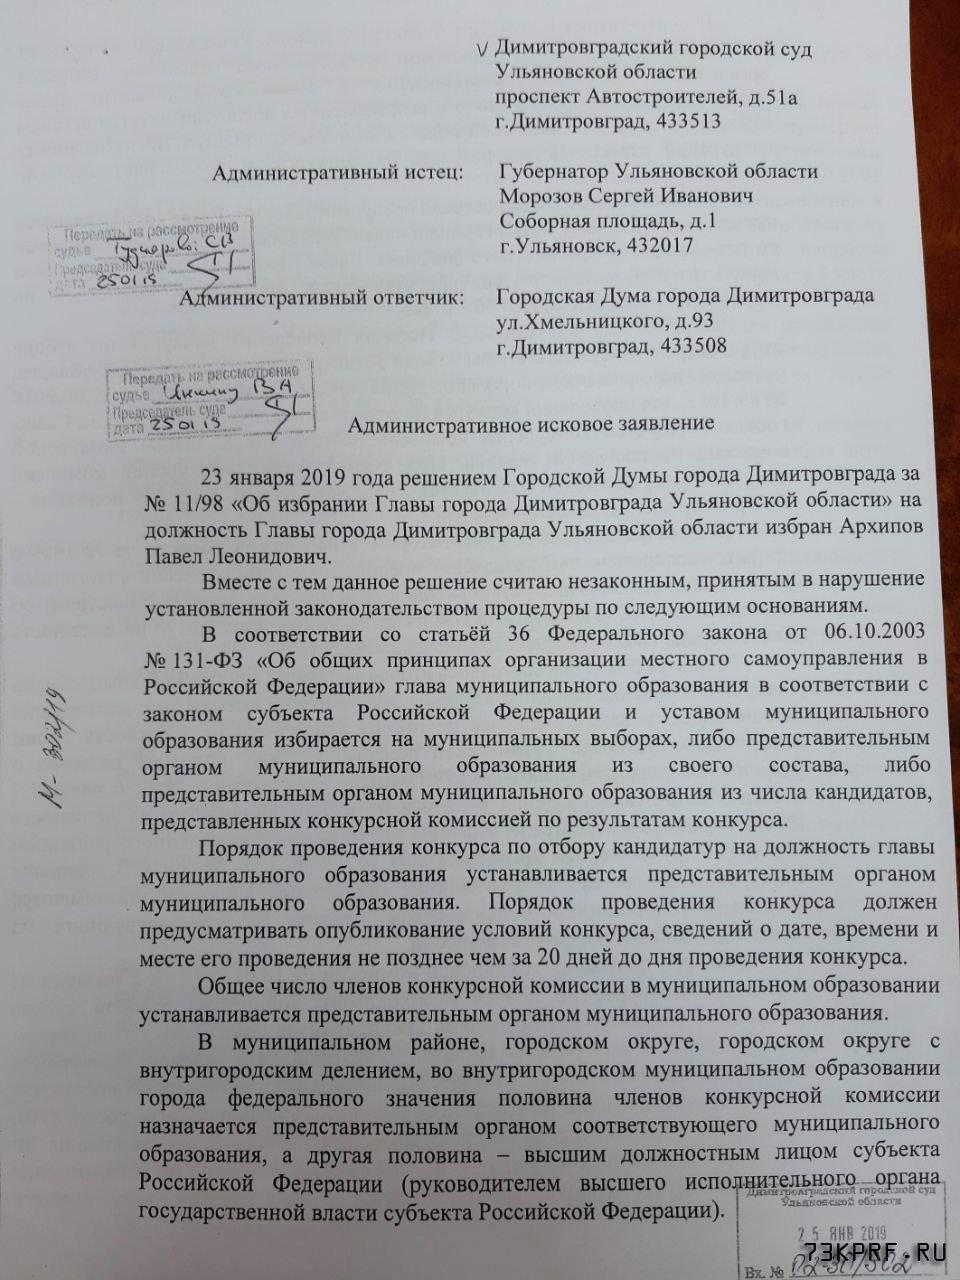 Губернатор Морозов подал в суд на Городскую Думу Димитровграда